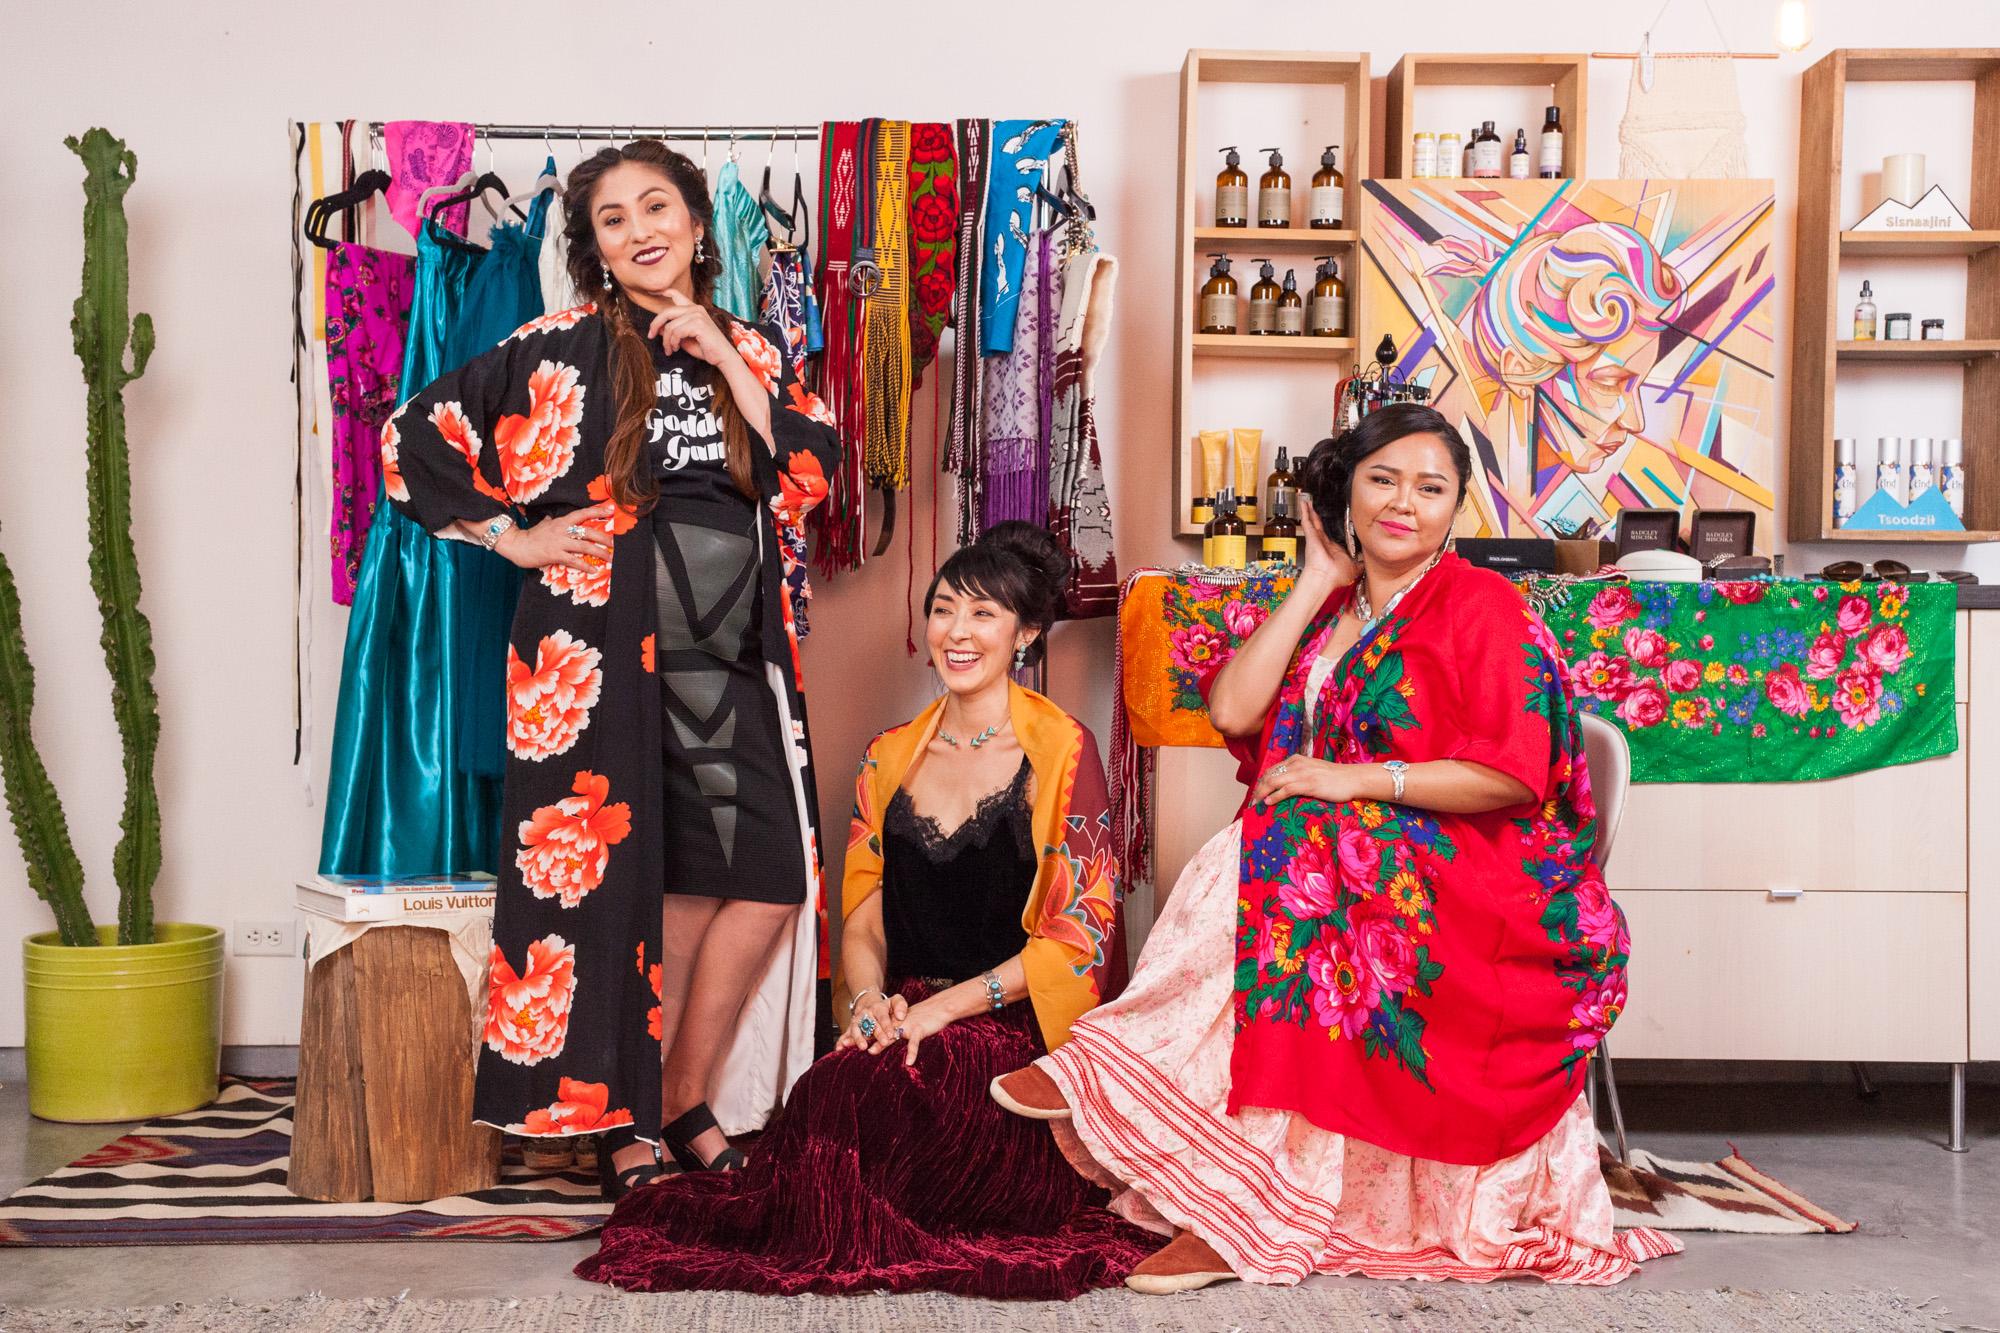 Models: - Kim Gleason, Kalika Tallou, & Jaime Gloshay